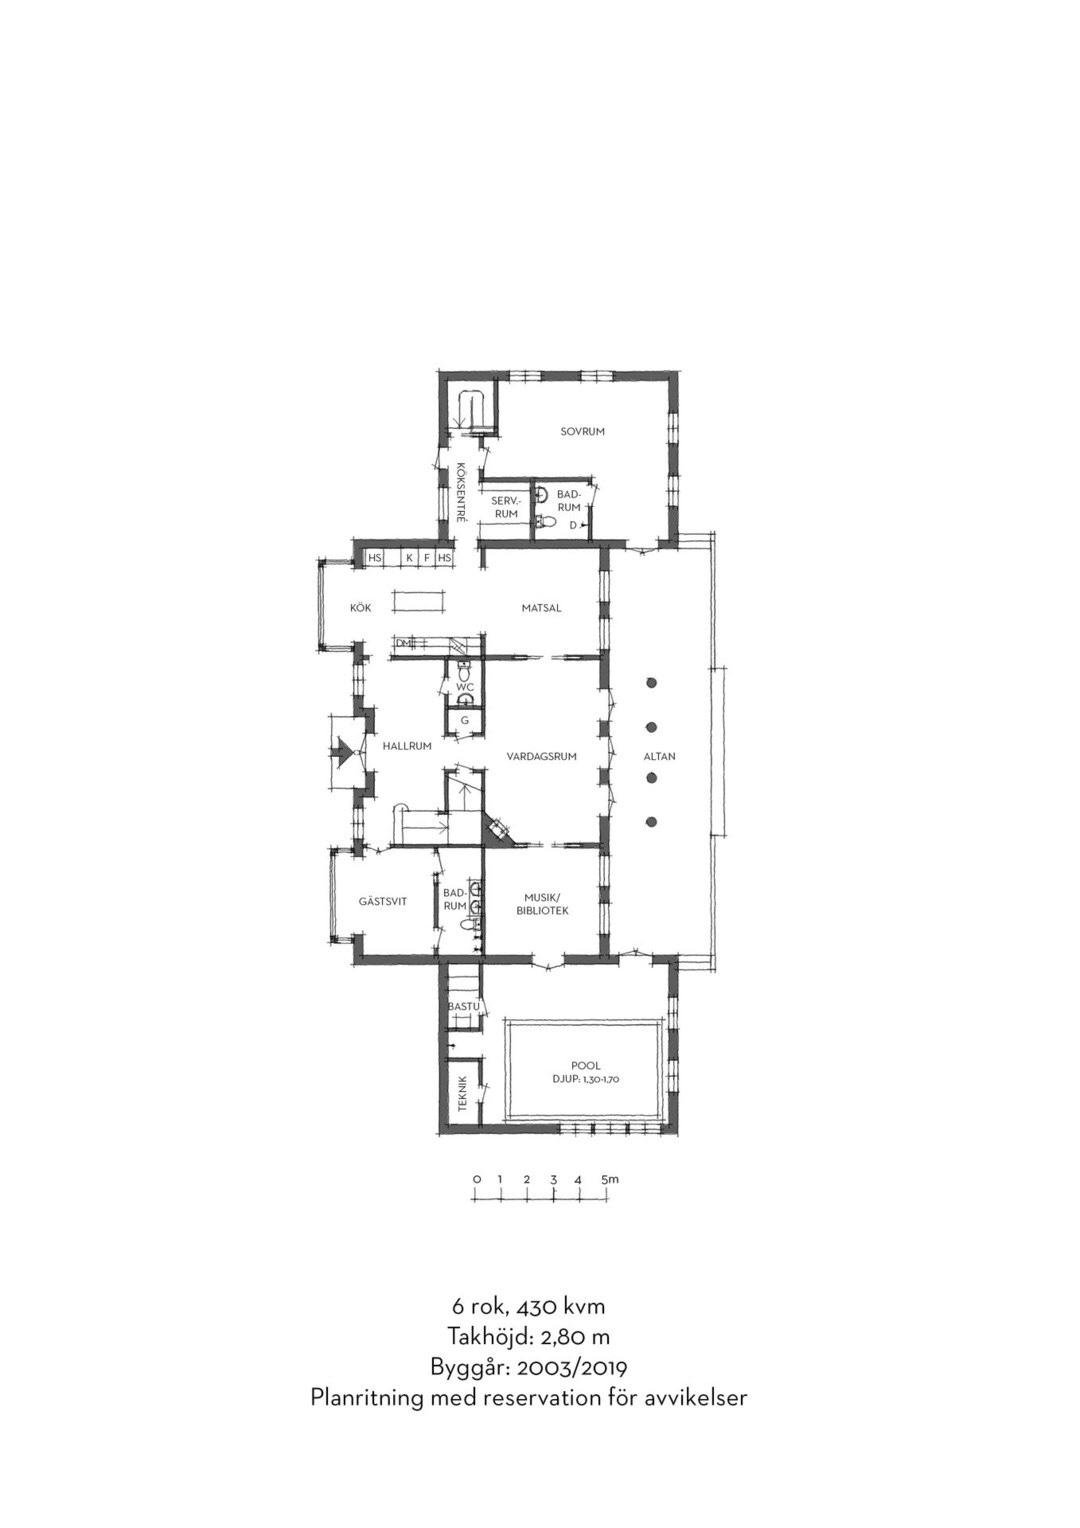 31262-floor plan 1